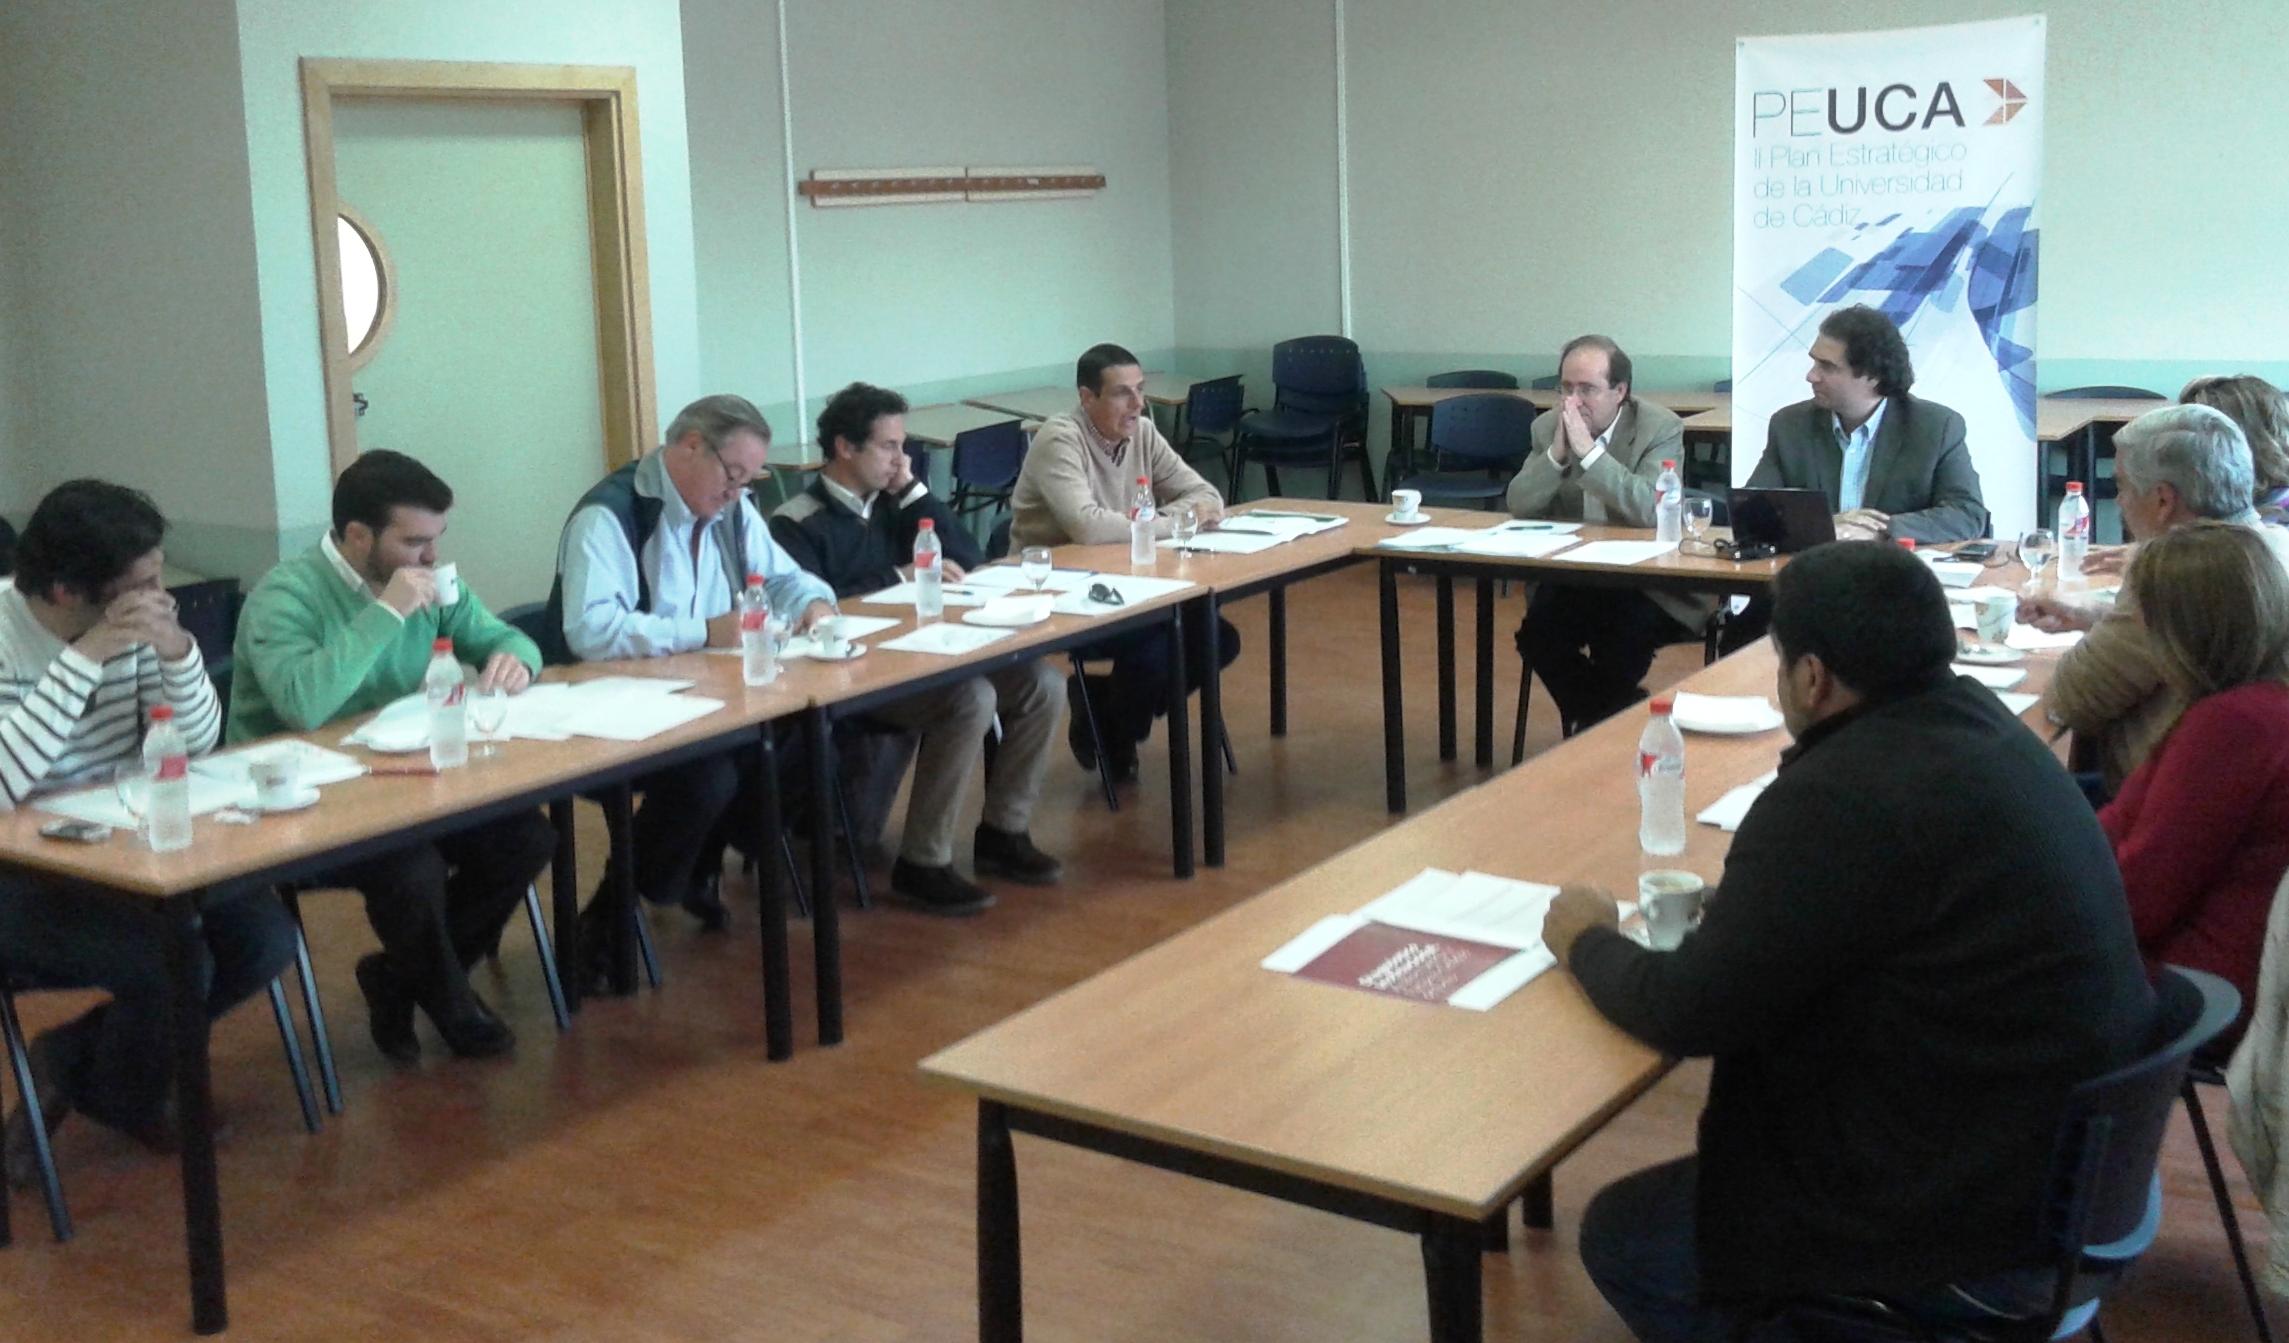 El Plan Director de la Facultad de Ciencias del Mar y Ambientales continua su elaboración con la celebración de cuatro grupos focales.